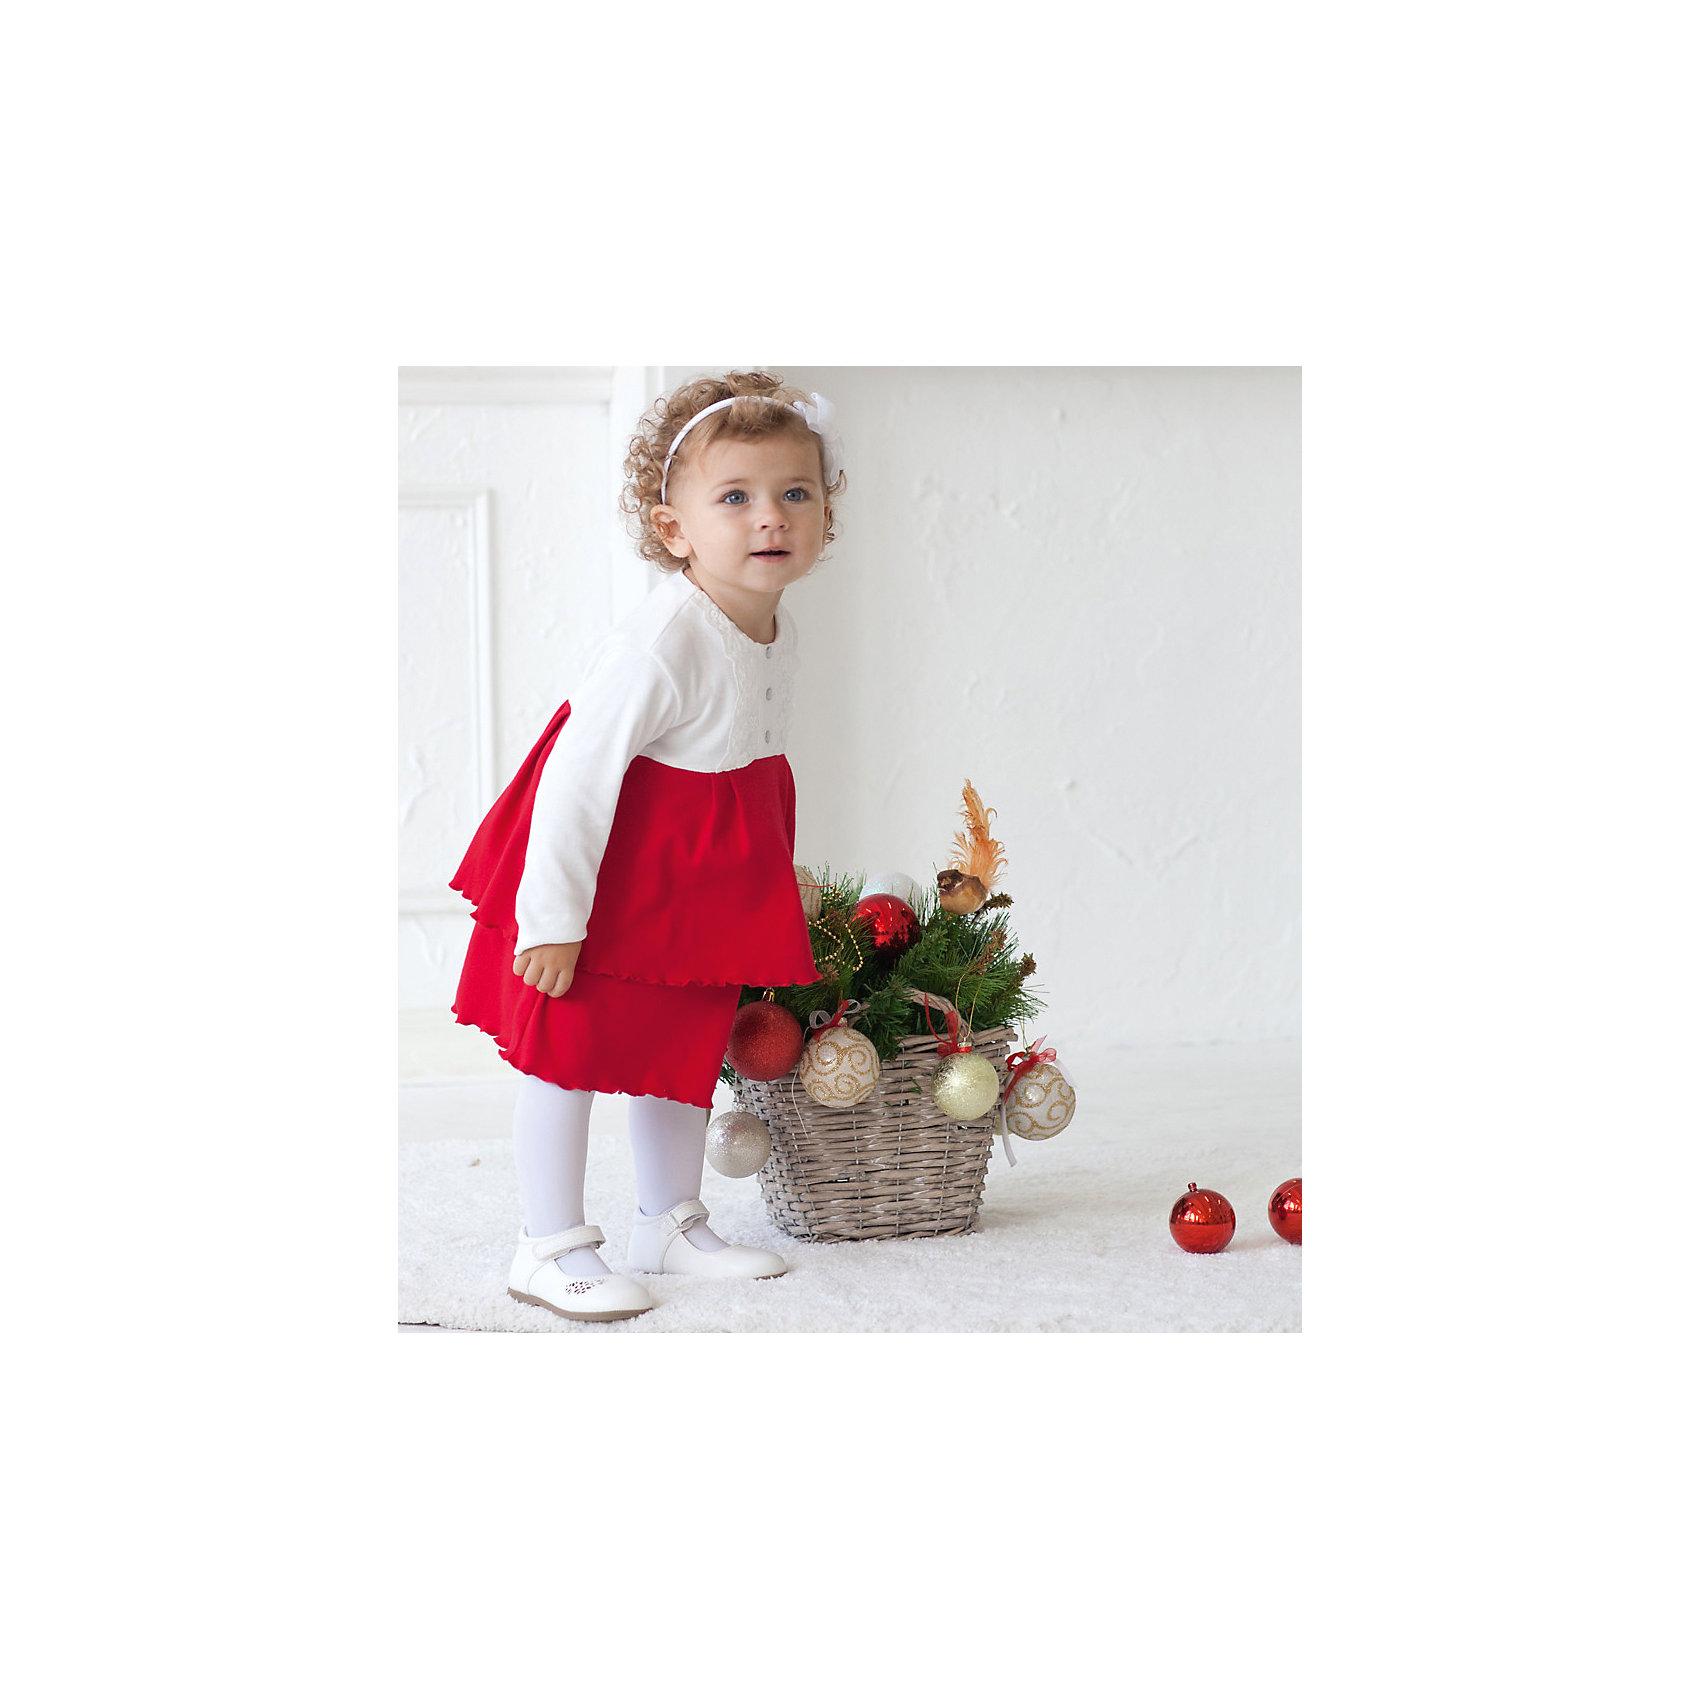 Боди-платье для девочки МАМУЛЯНДИЯПлатья<br>Боди-платье для девочки МАМУЛЯНДИЯ<br>Боди-платье из дизайнерской коллекции для девочек Леди и джентльмены, выполнено из трикотажного полотна высшего качества (интерлок пенье).  Декорировано кружевом. Удобное расположение кнопок для переодевания малыша или смены подгузника. Кнопки из гипоаллергенного сплава без содержания никеля.  Стирать при температуре 40, носить с удовольствием.<br>Состав:<br>100% хлопок<br><br>Ширина мм: 157<br>Глубина мм: 13<br>Высота мм: 119<br>Вес г: 200<br>Цвет: красный<br>Возраст от месяцев: 3<br>Возраст до месяцев: 6<br>Пол: Женский<br>Возраст: Детский<br>Размер: 68,86,62,74,80<br>SKU: 5108824